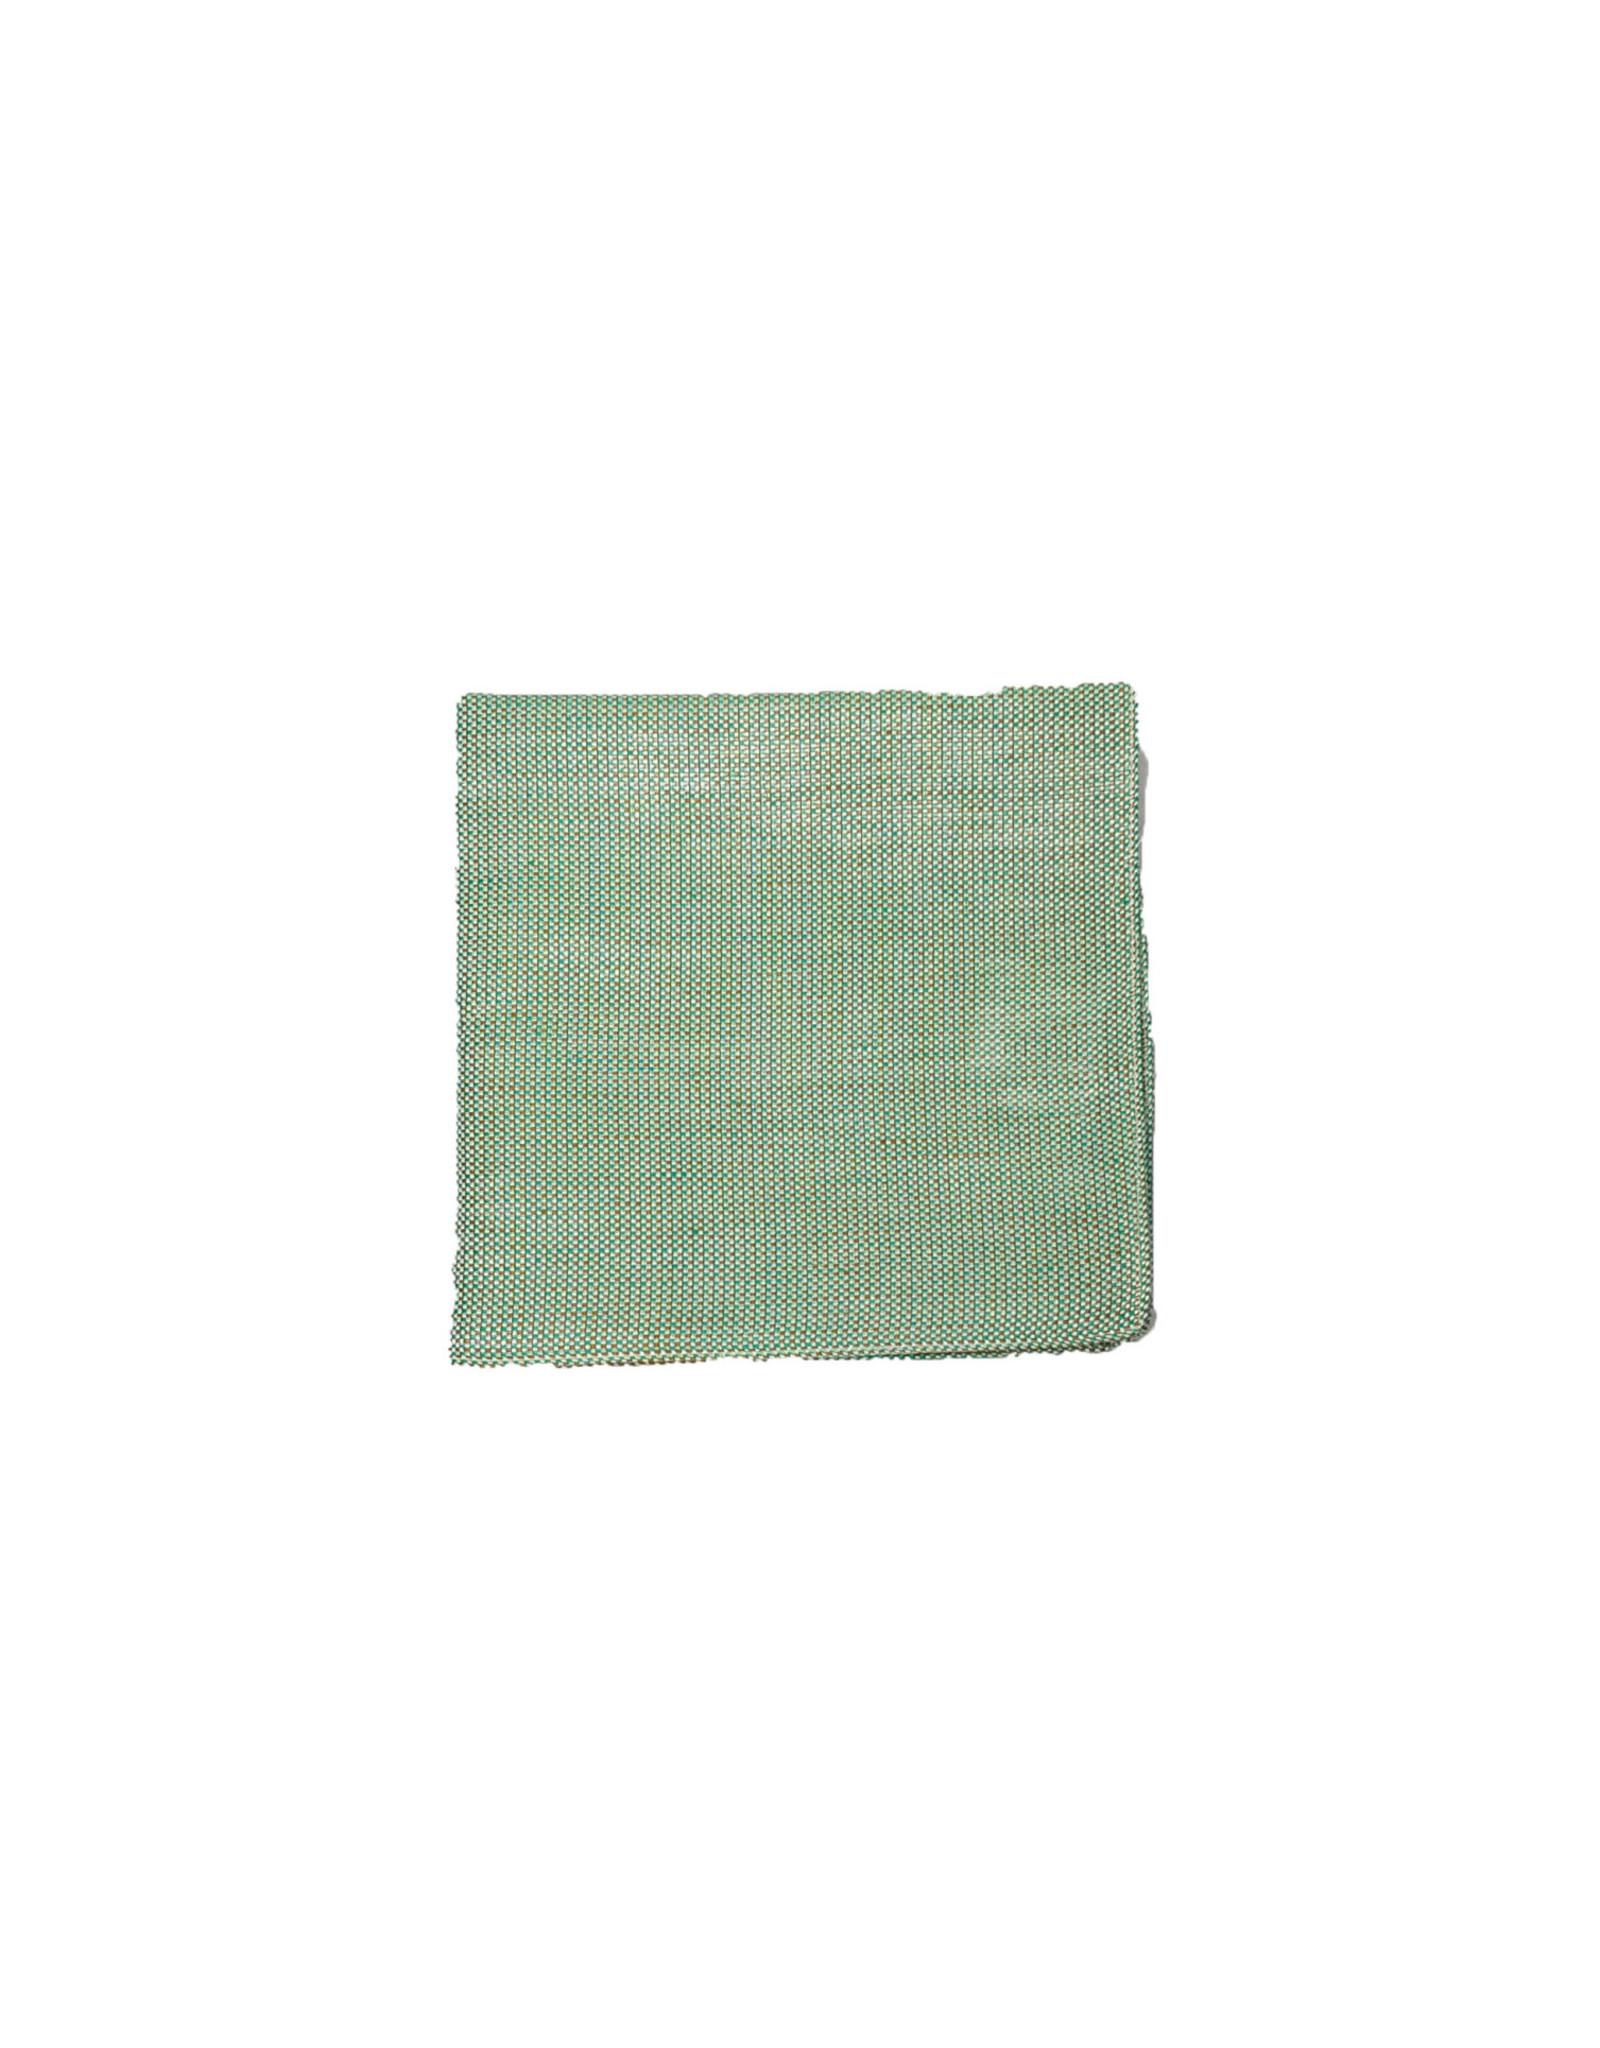 Hemley Sandmore's pochet groen 6331/2